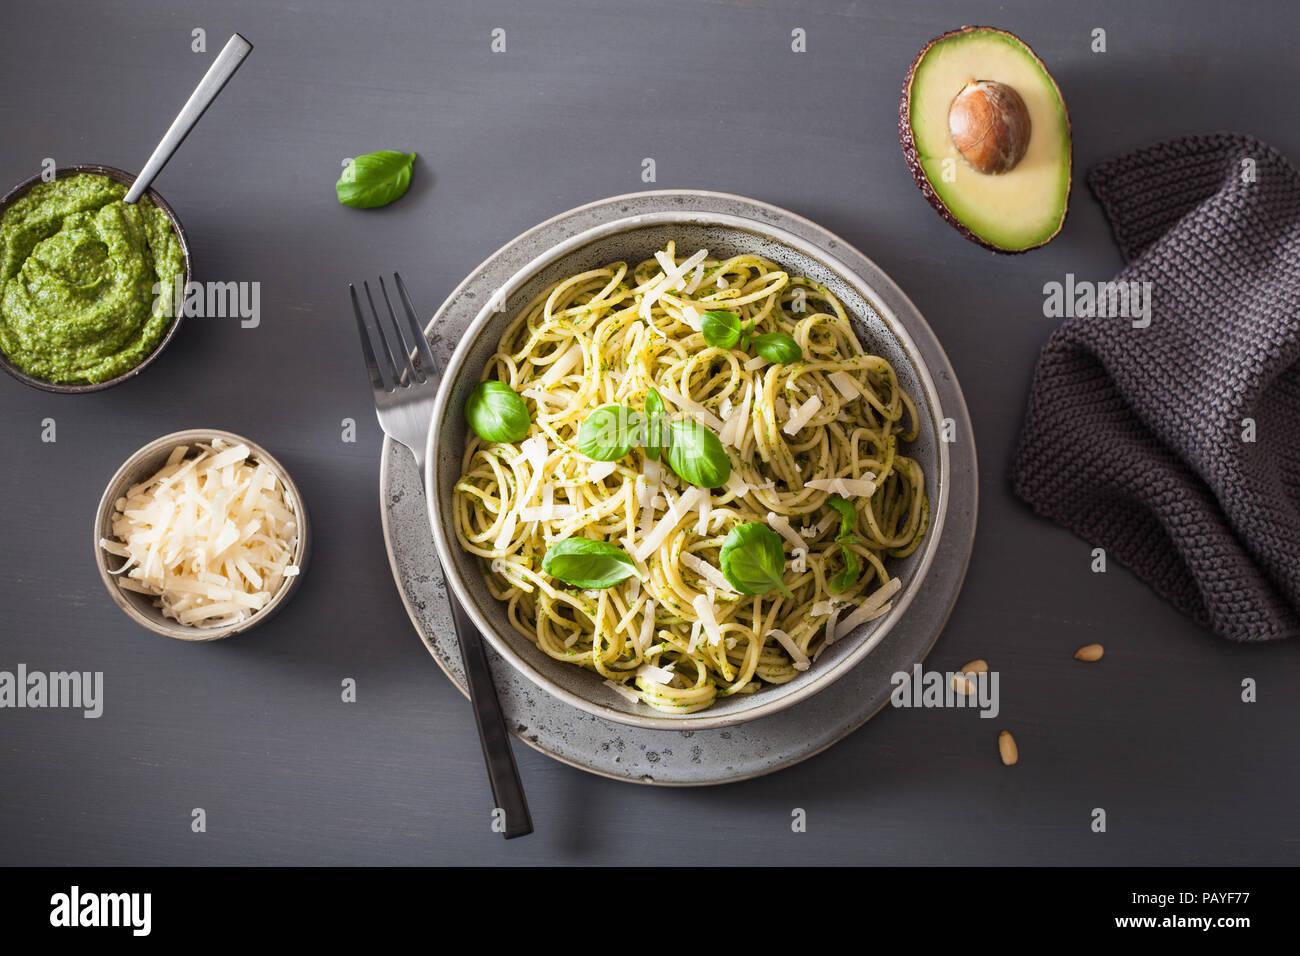 spaghetti pasta with avocado basil pesto sauce - Stock Image